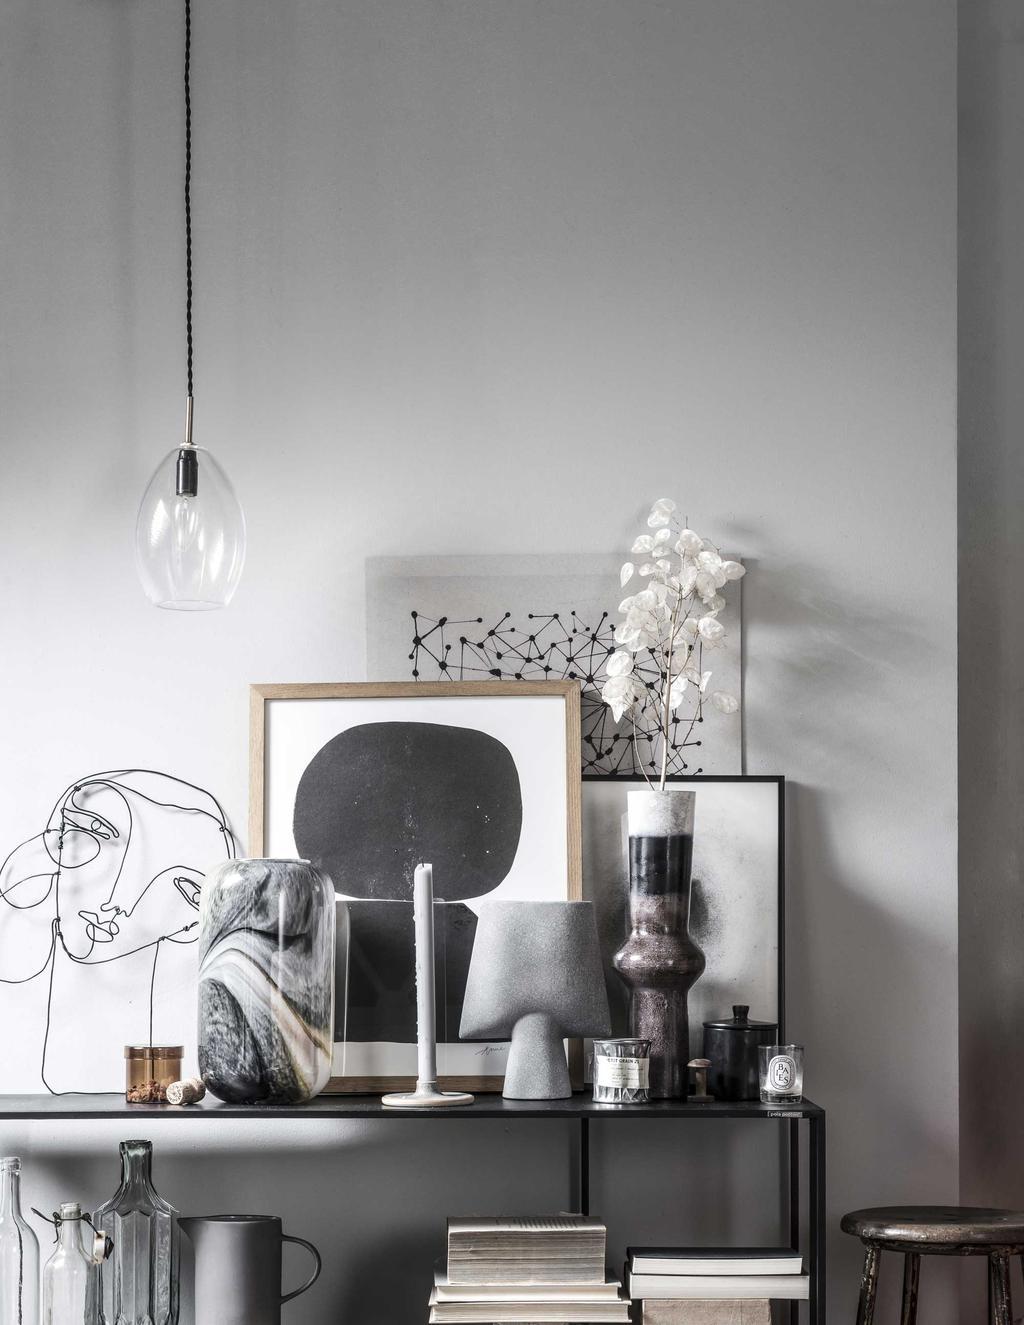 Een zwarte tafel met kunst en vazen in verschillende tinten grijs